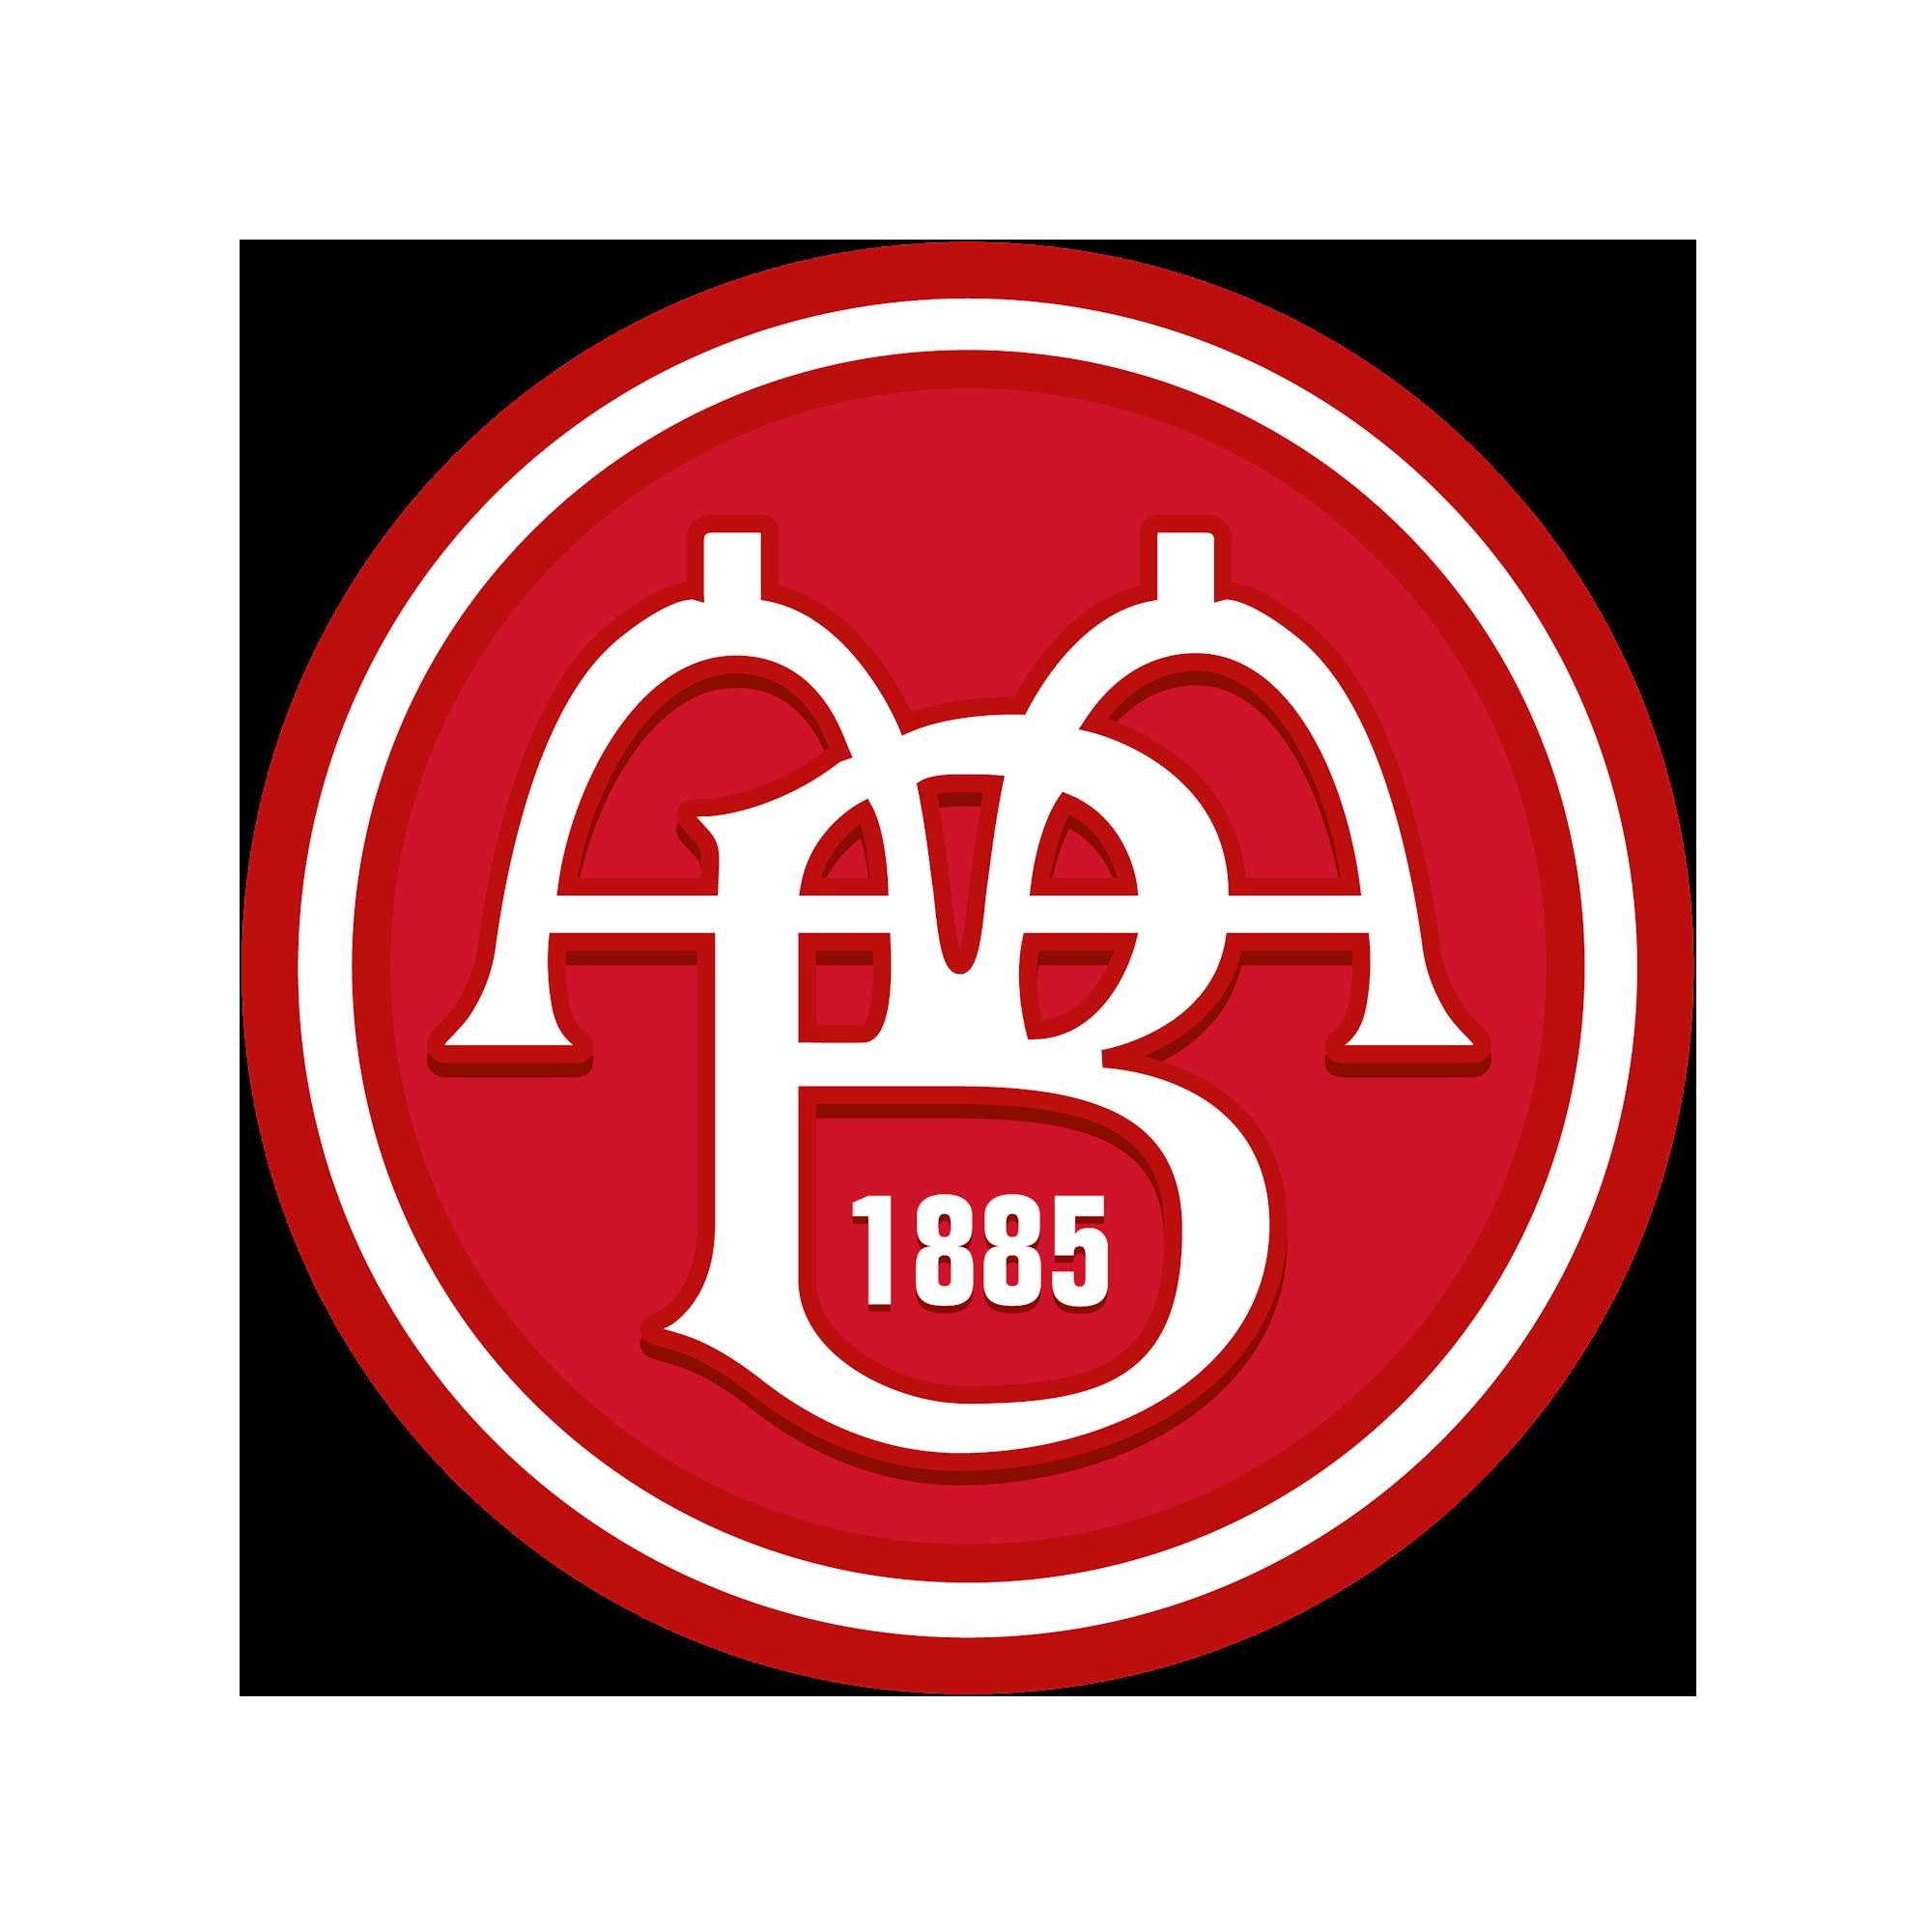 AaB 1885 logo